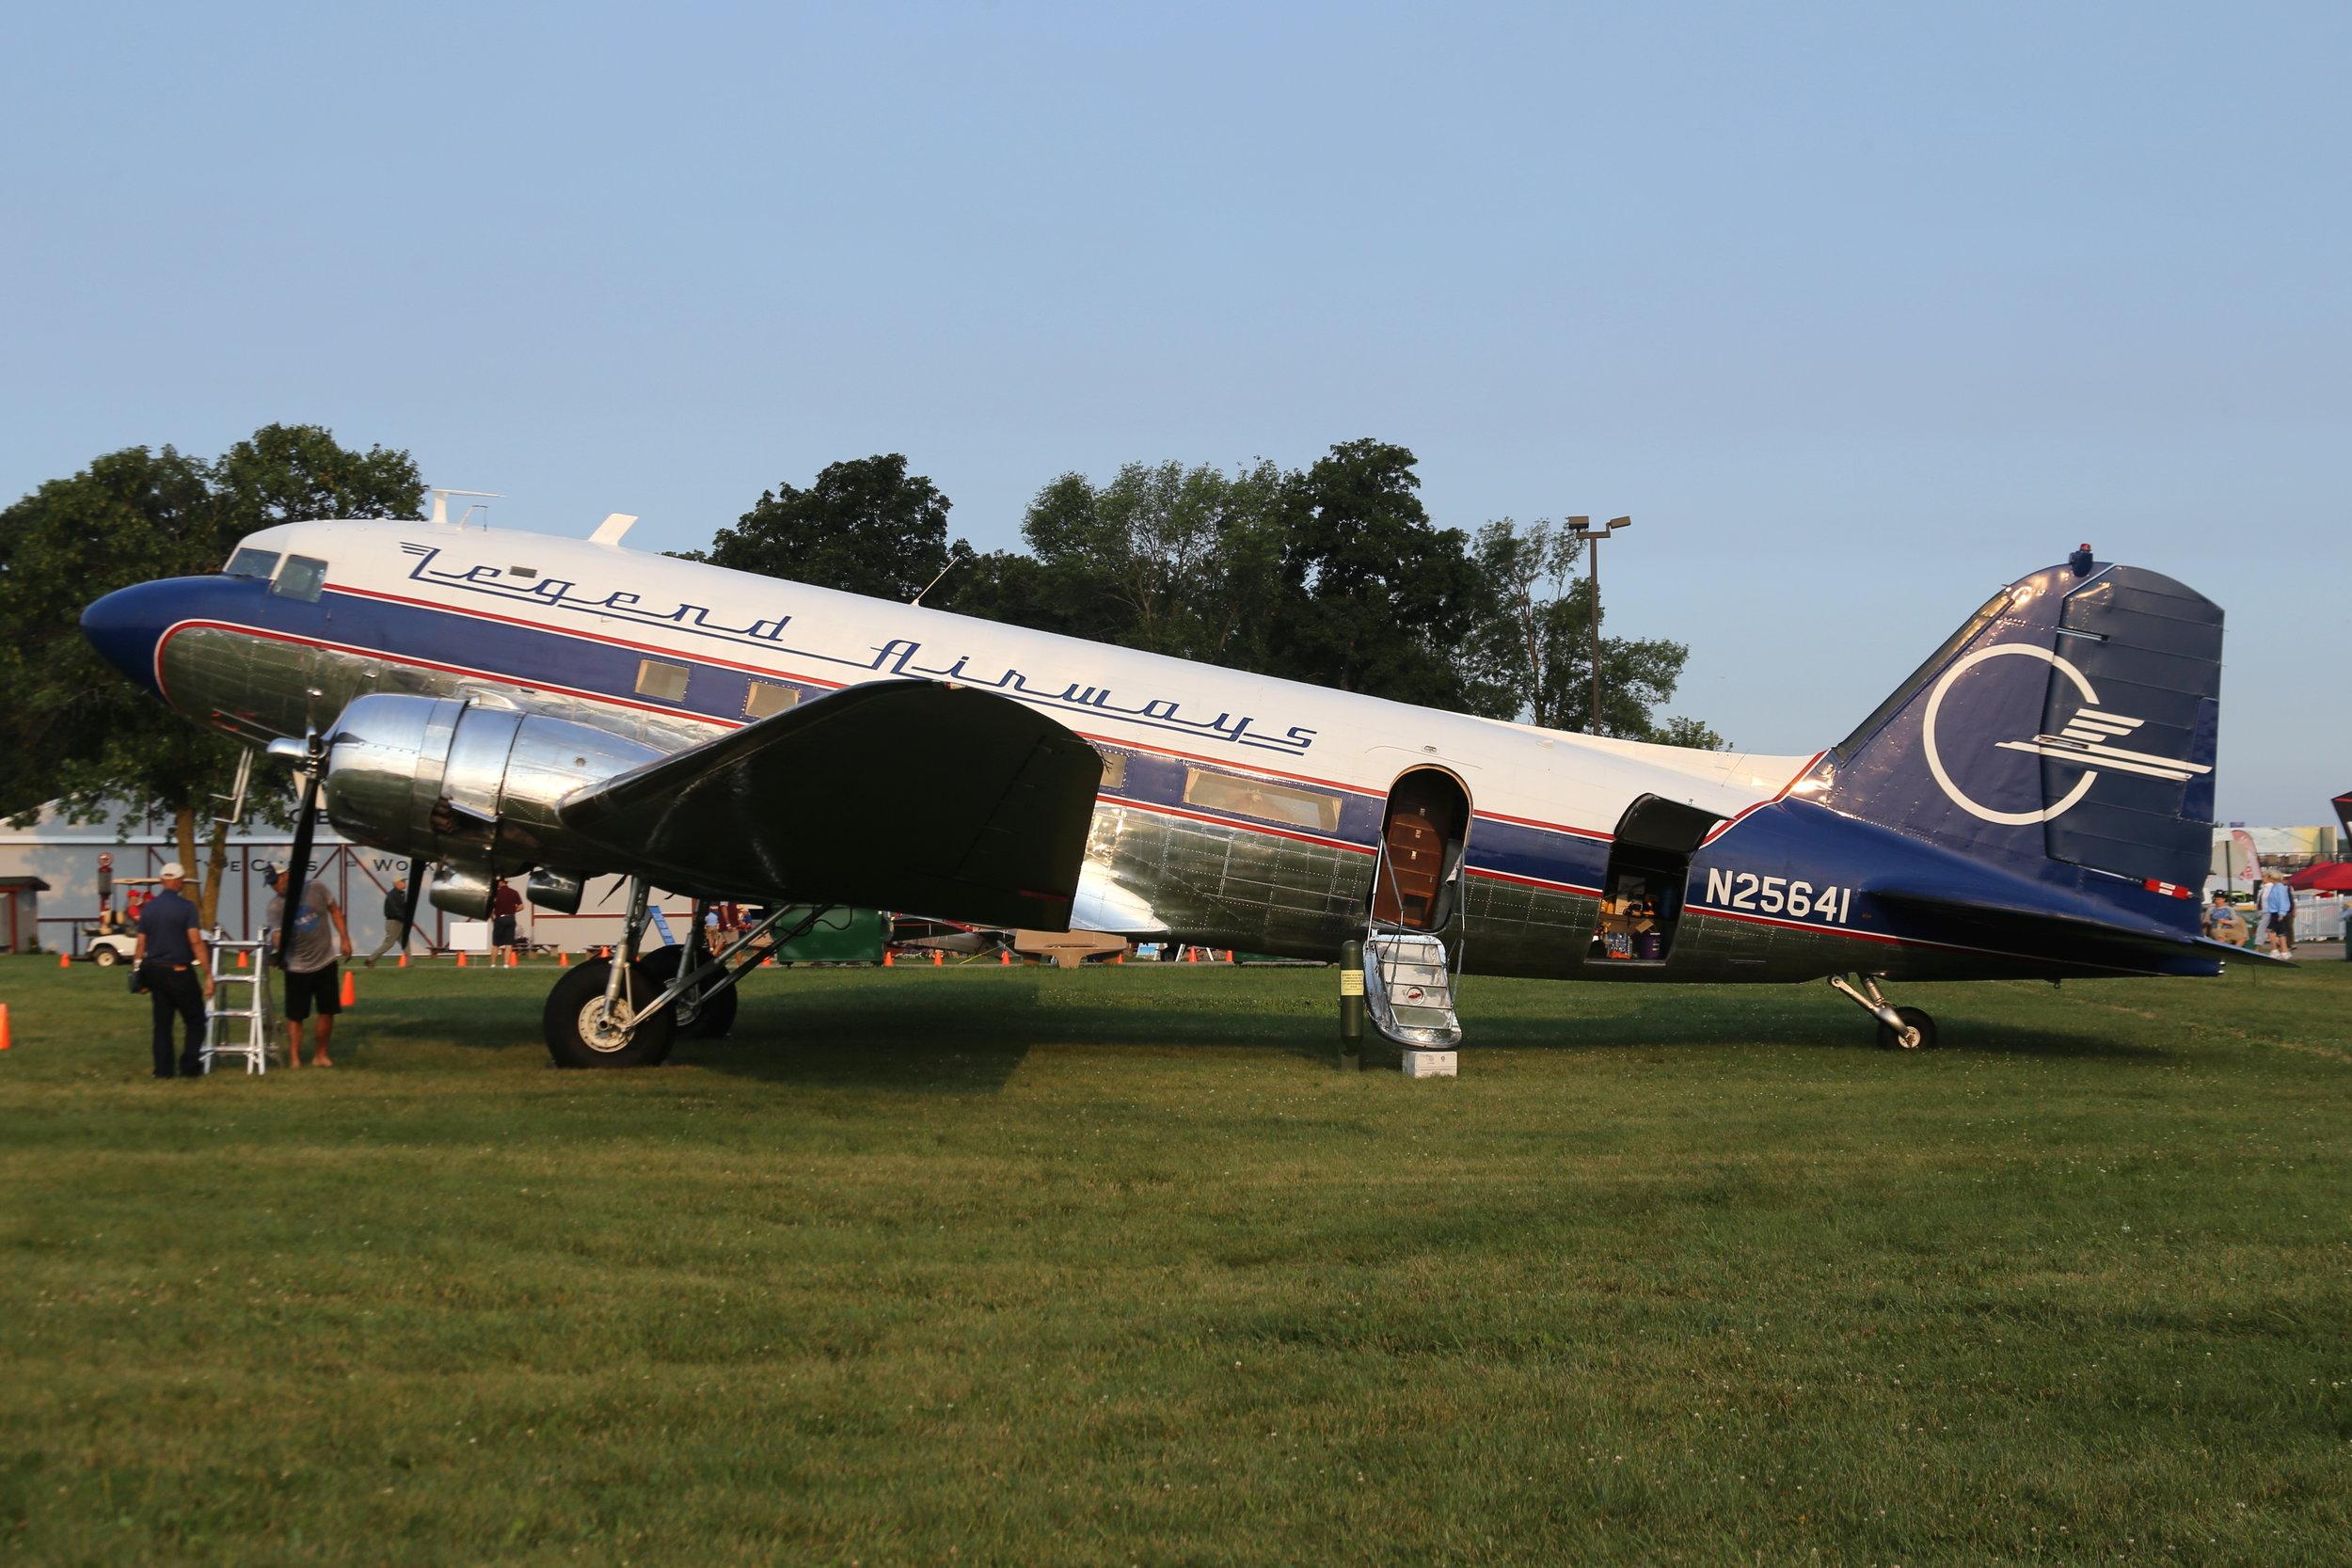 N25641 Legend Airways DC3 taken at Oshkosh 23rd July 2018 by John Wood